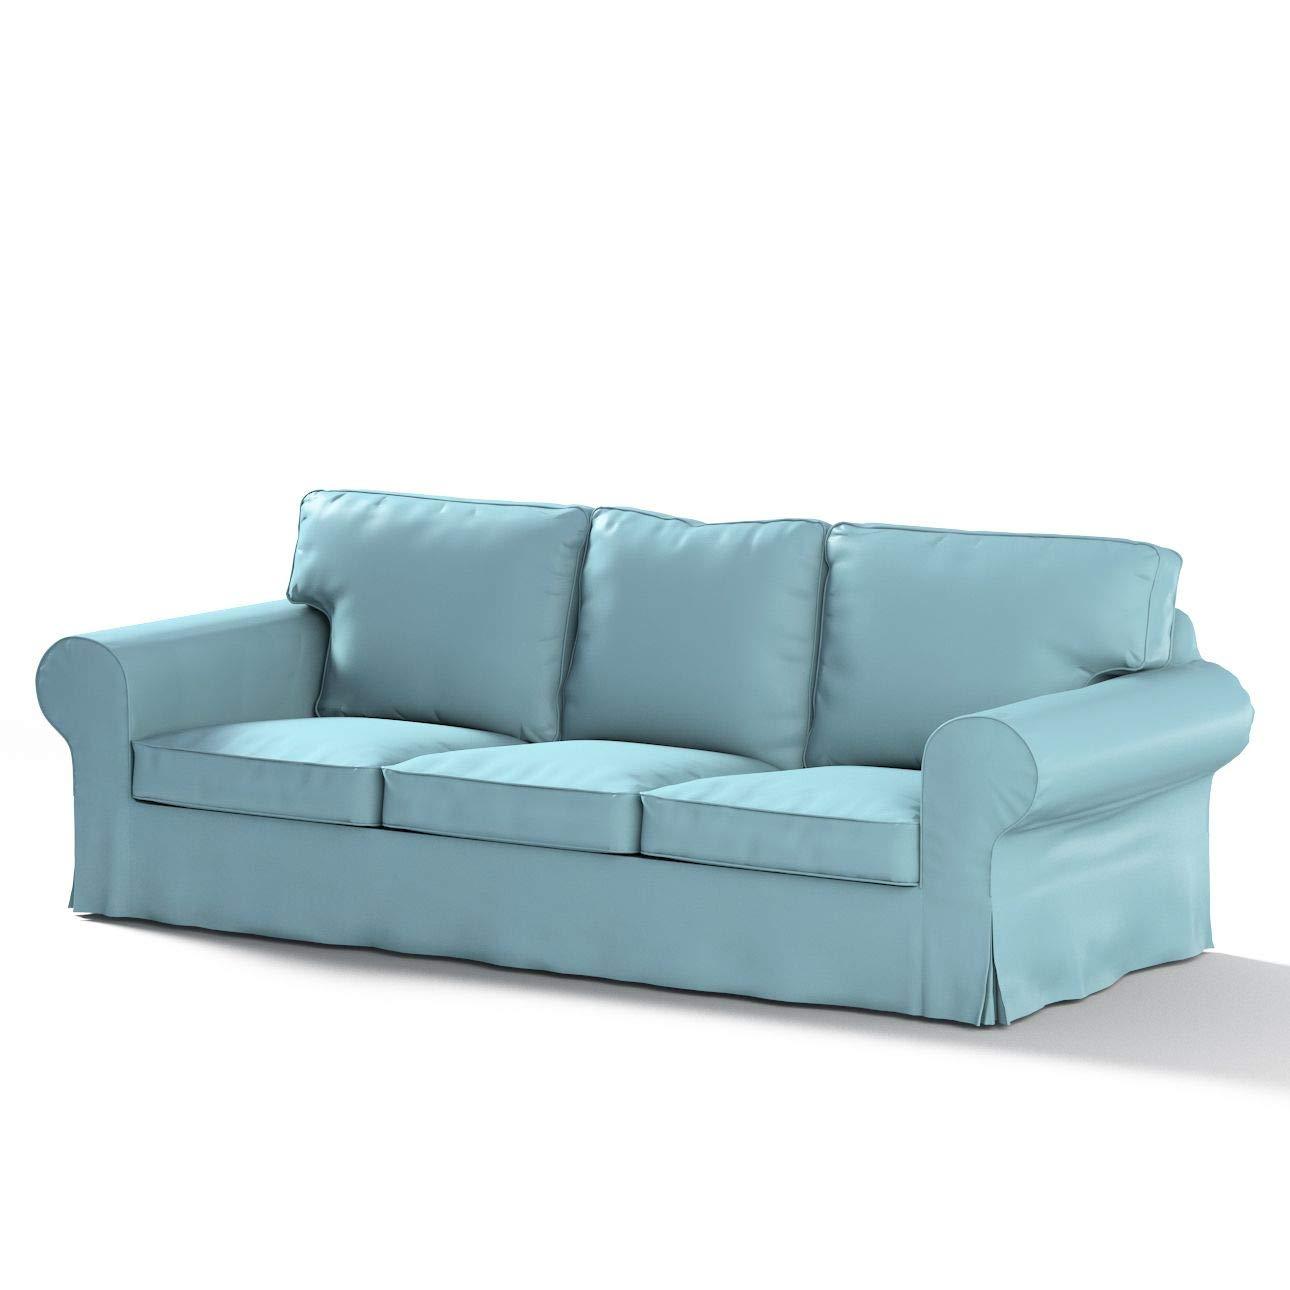 Dekoria Ektorp 3-Sitzer Schlafsofabezug, ALTES Modell Sofahusse passend für IKEA Modell Ektorp blau